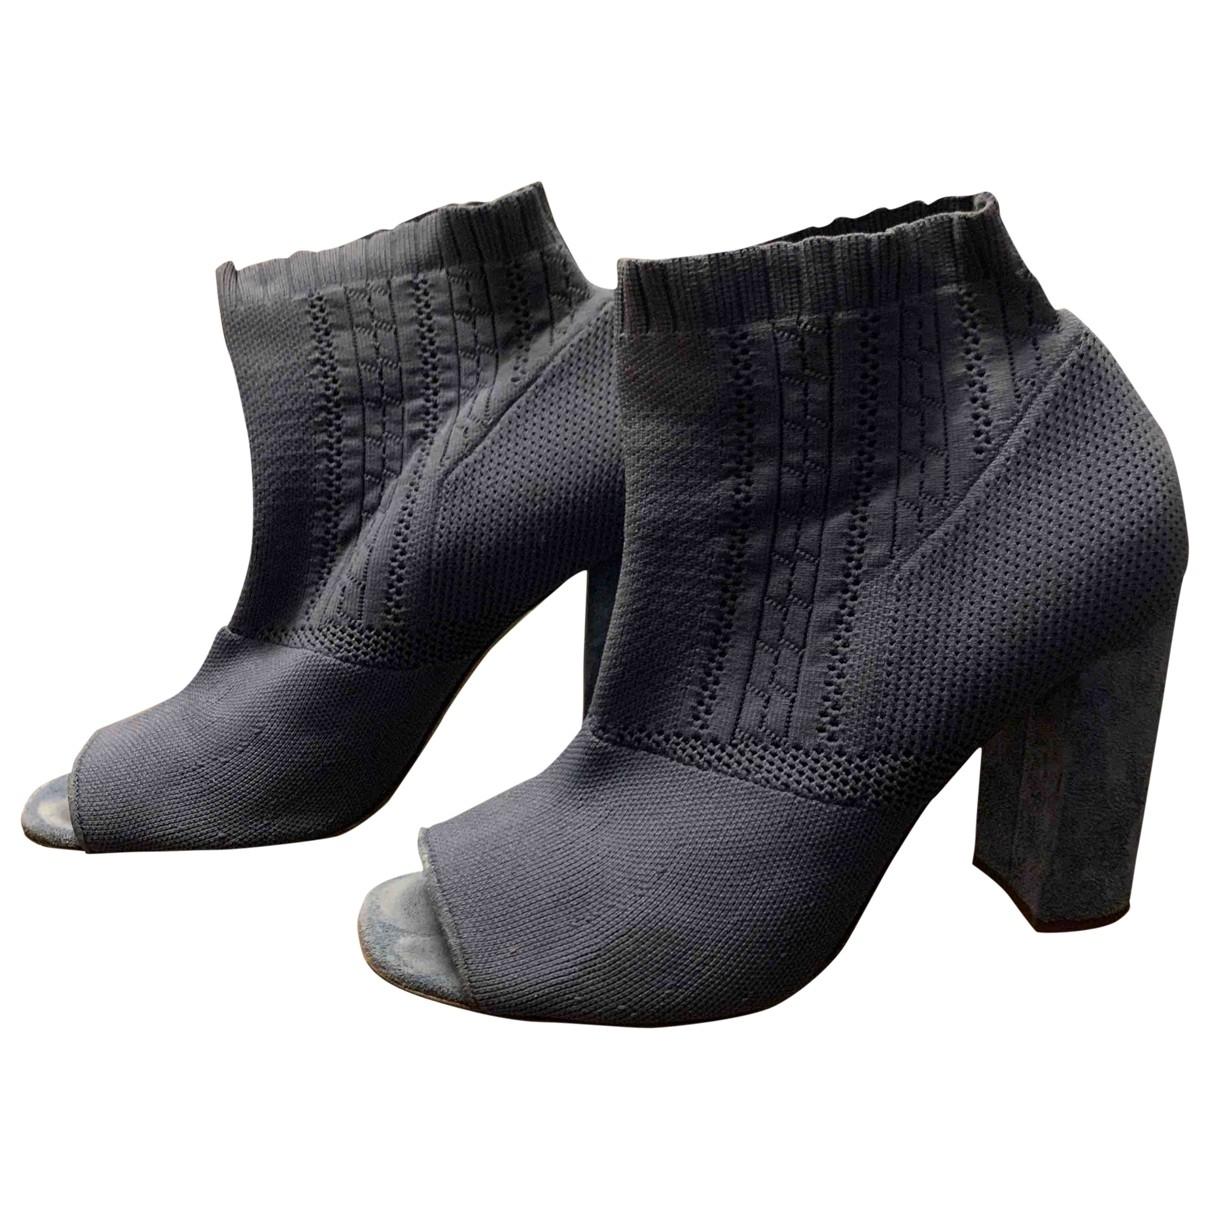 Lella Baldi - Boots   pour femme - anthracite